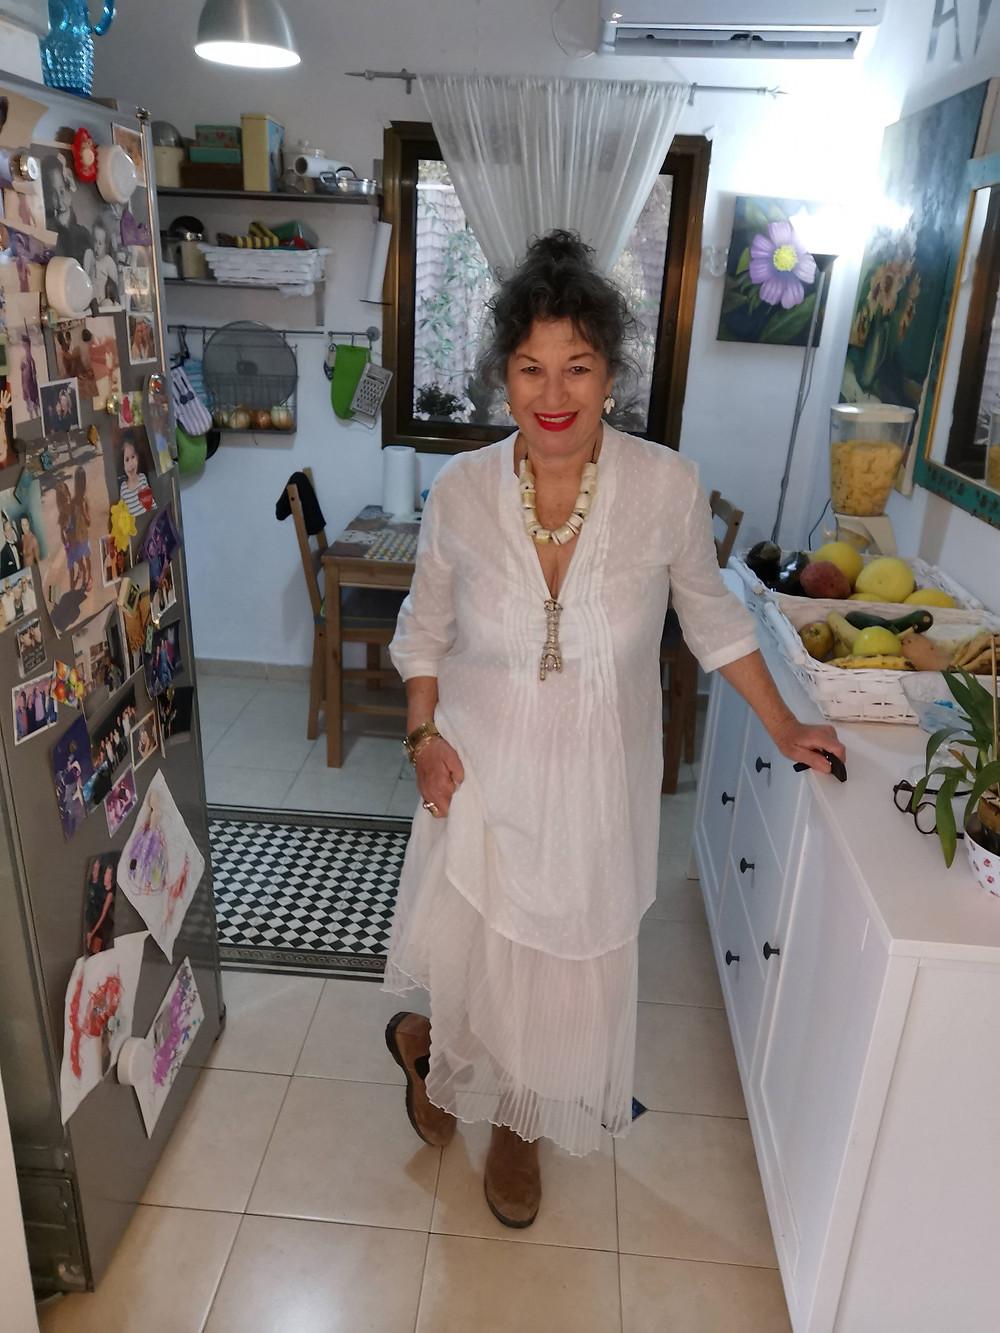 אירית לובשת חצאית לבנה וחולצה לבנה ופריטים בהתאמה שרשרת לבנה ועגילים לבנים